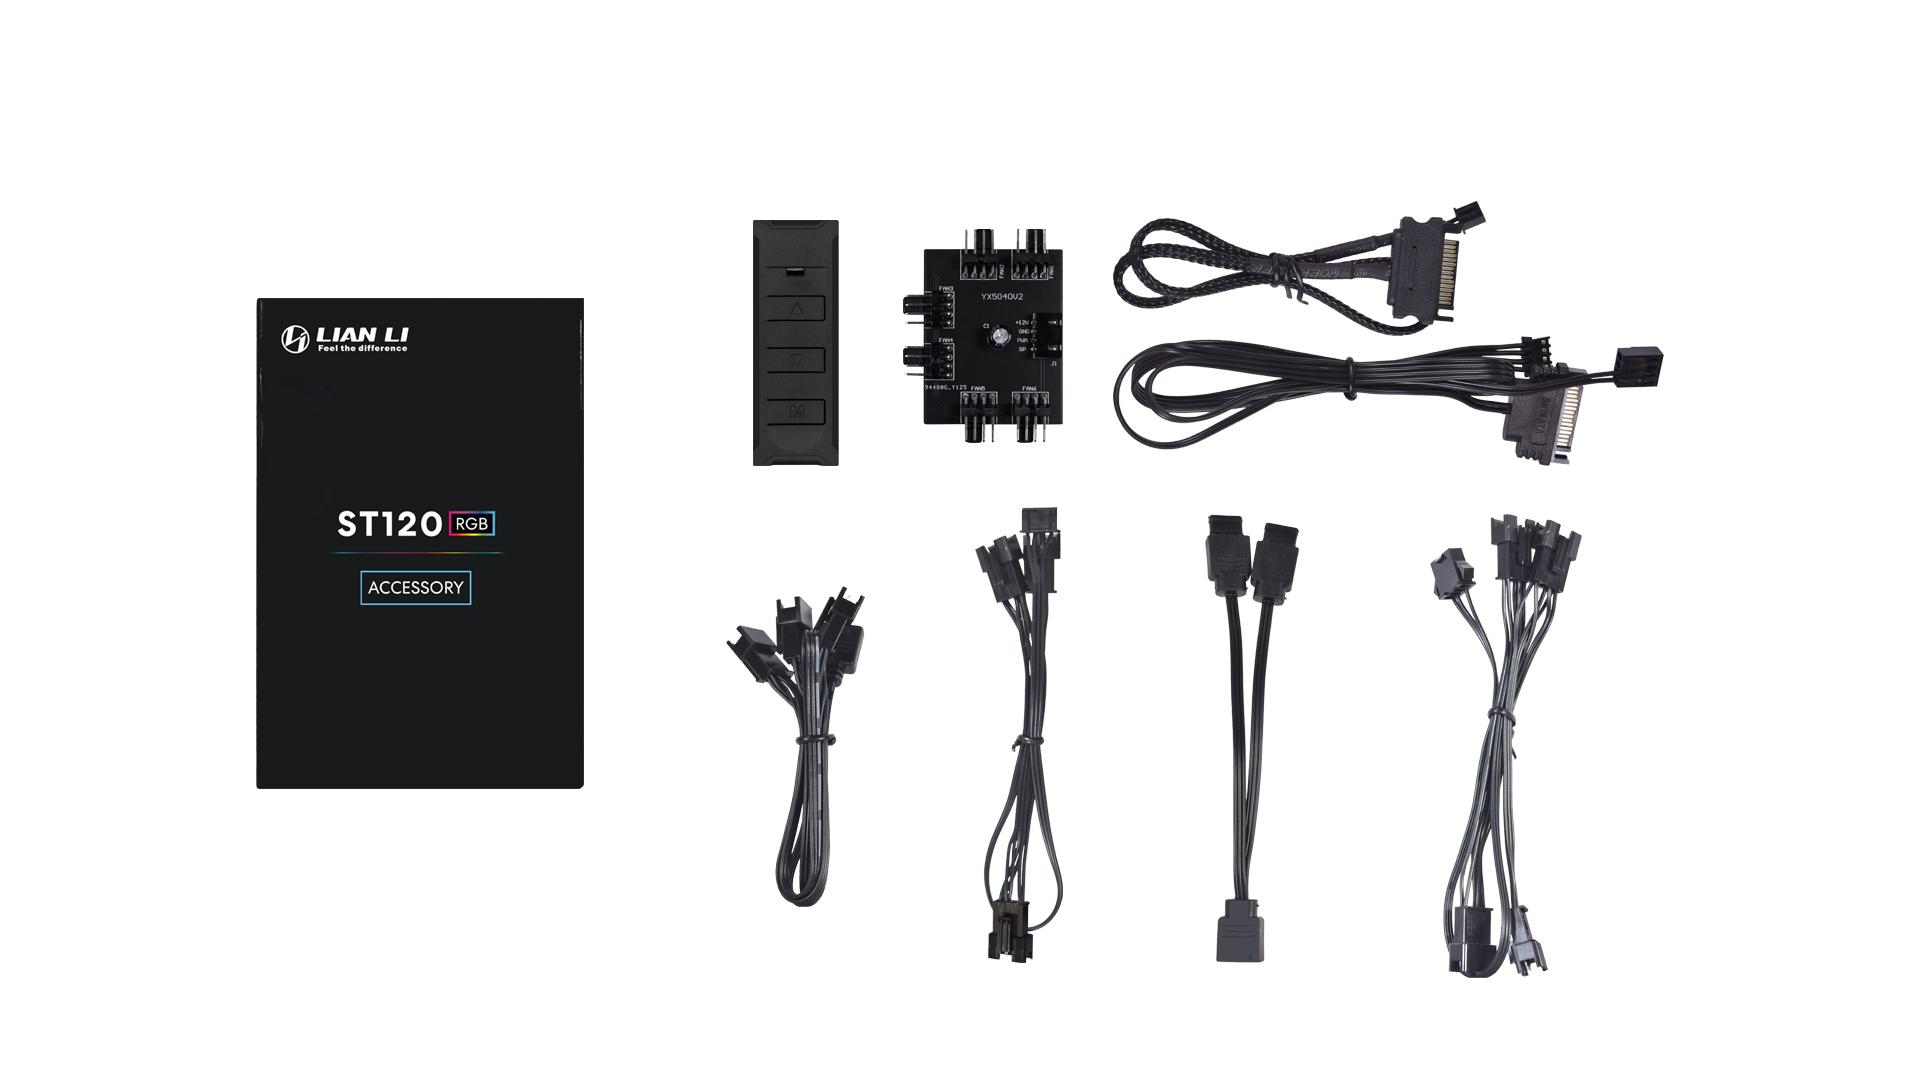 Ventilátor Lian Li ST120 RGB PWM 12cm RGB Fehér 3db-os + Kontroller (ST120-3W)